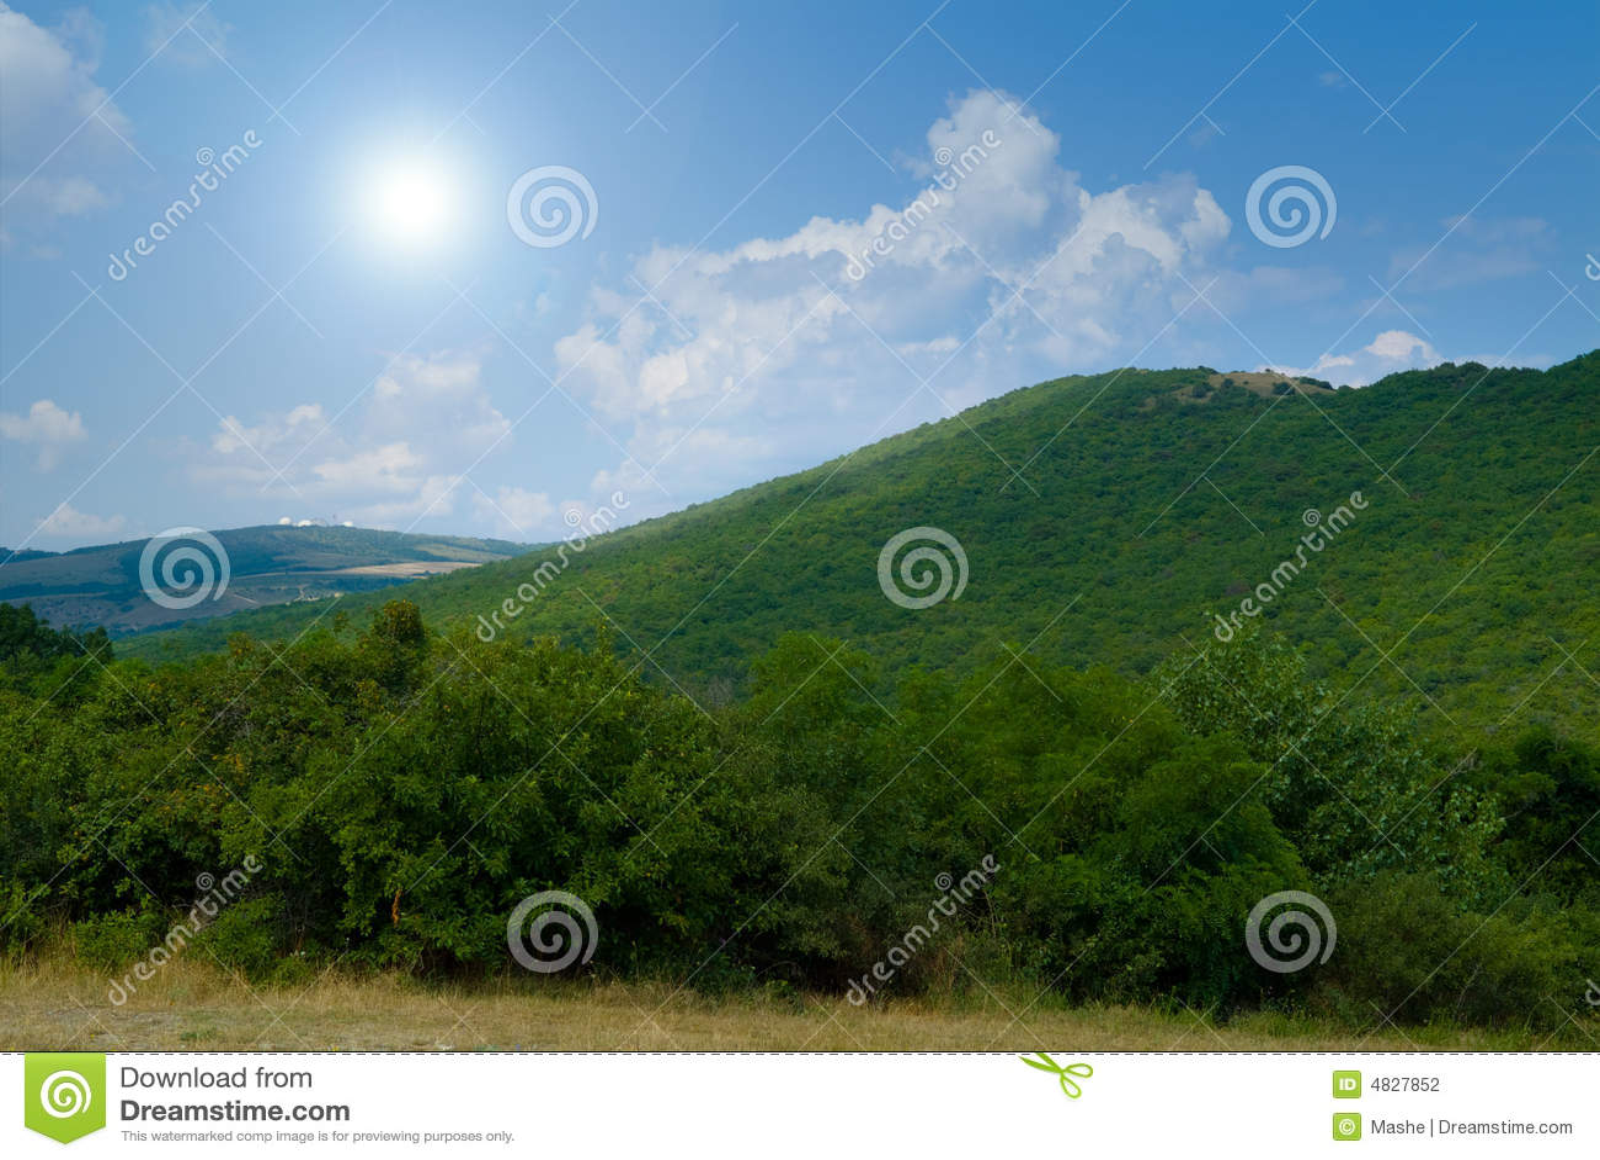 Landschaft.